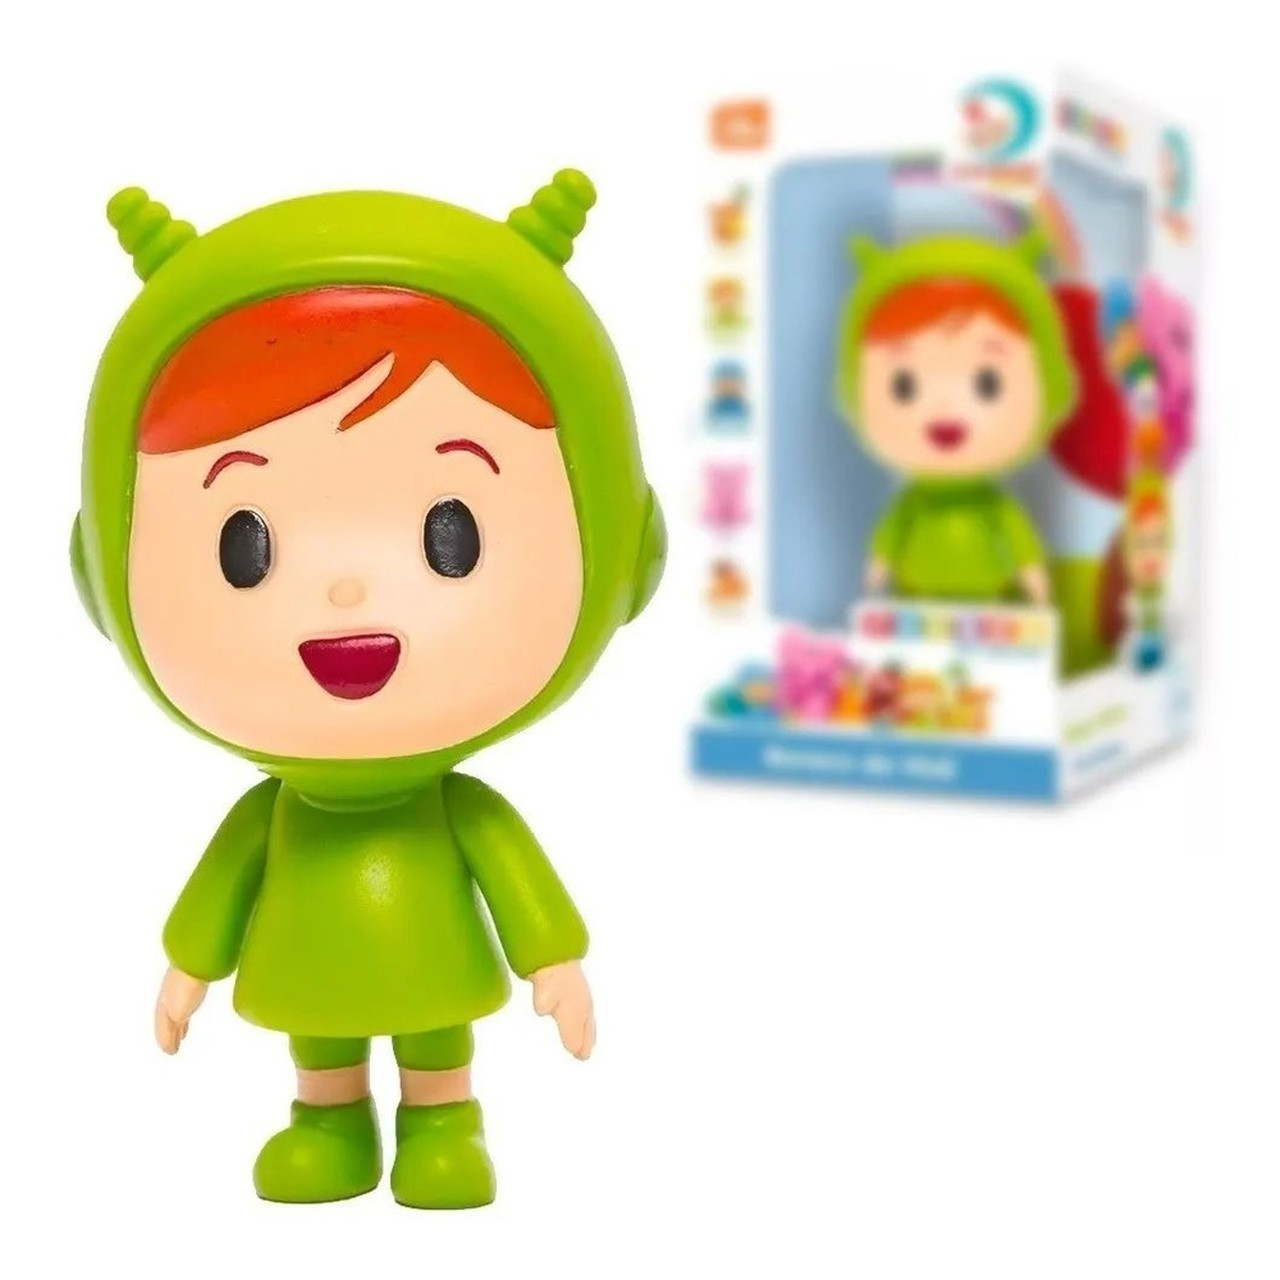 Boneco Pocoyo de Vinil - Figura Nina - Cardoso Toy Original